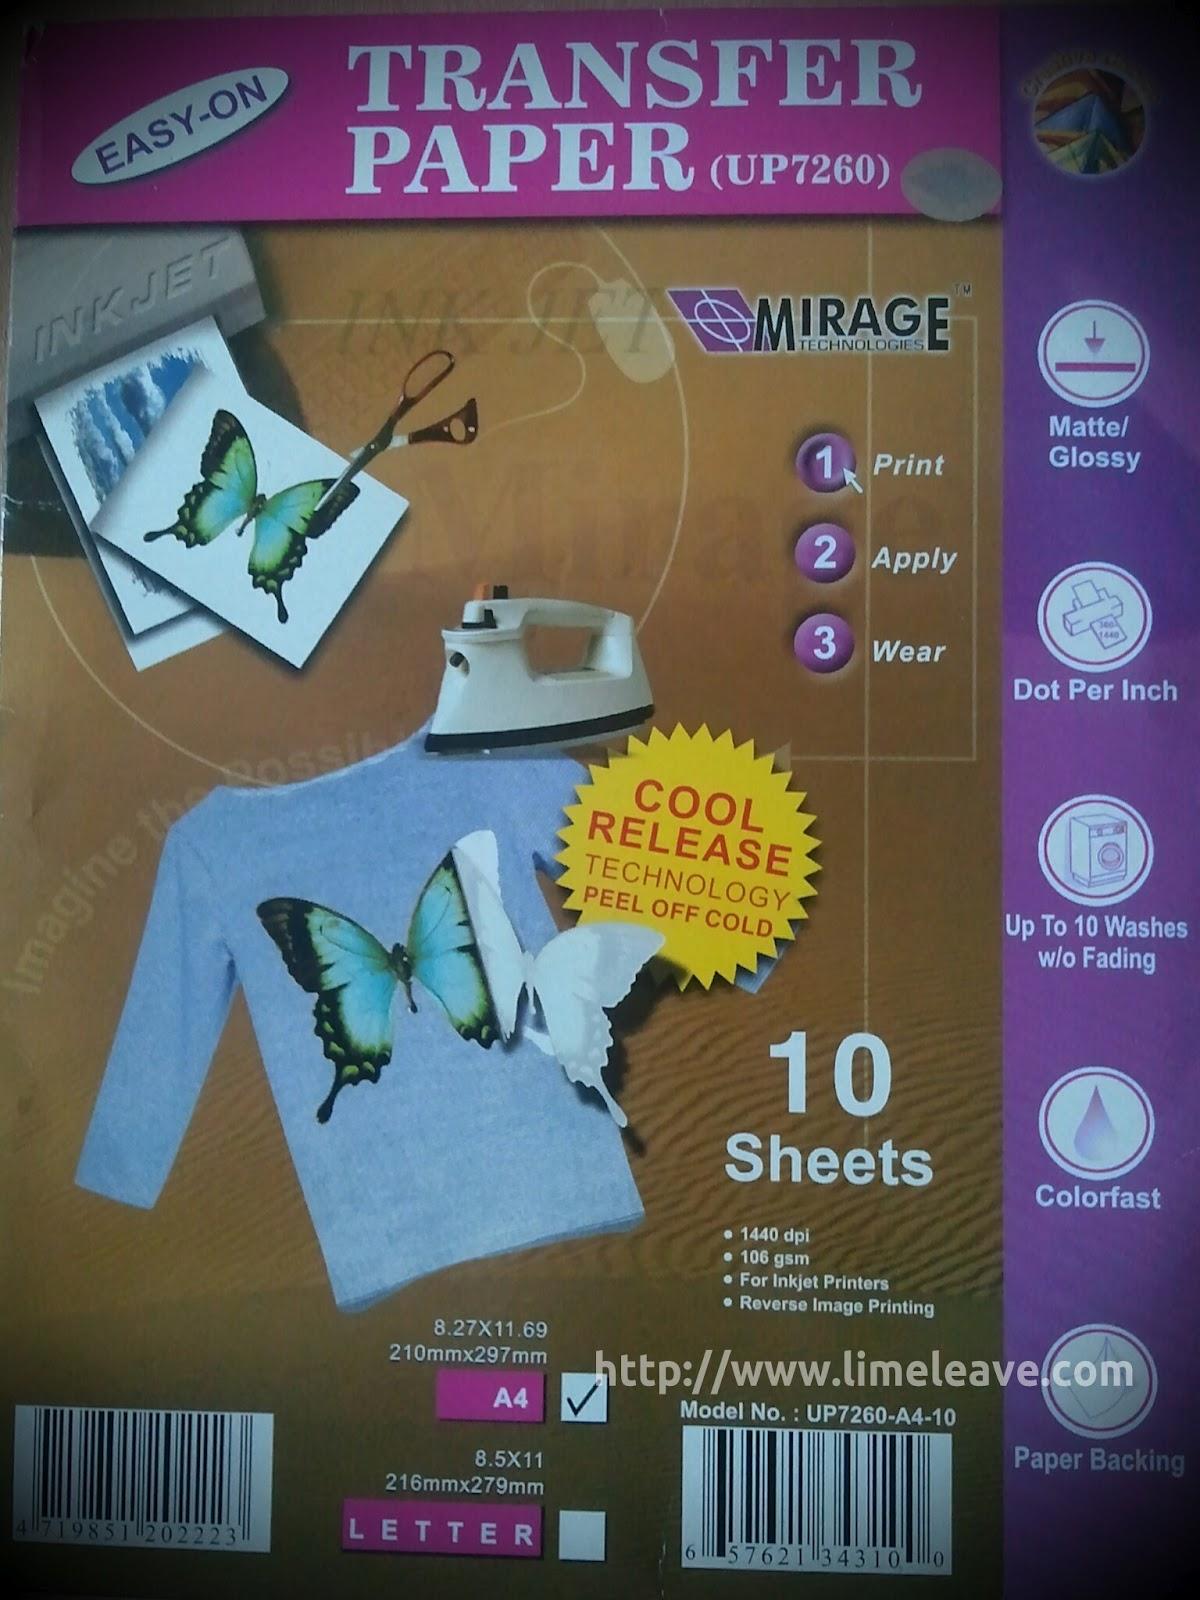 Sablon Kaos Hitam Menggunakan Kertas Transfer Paper (Cetak